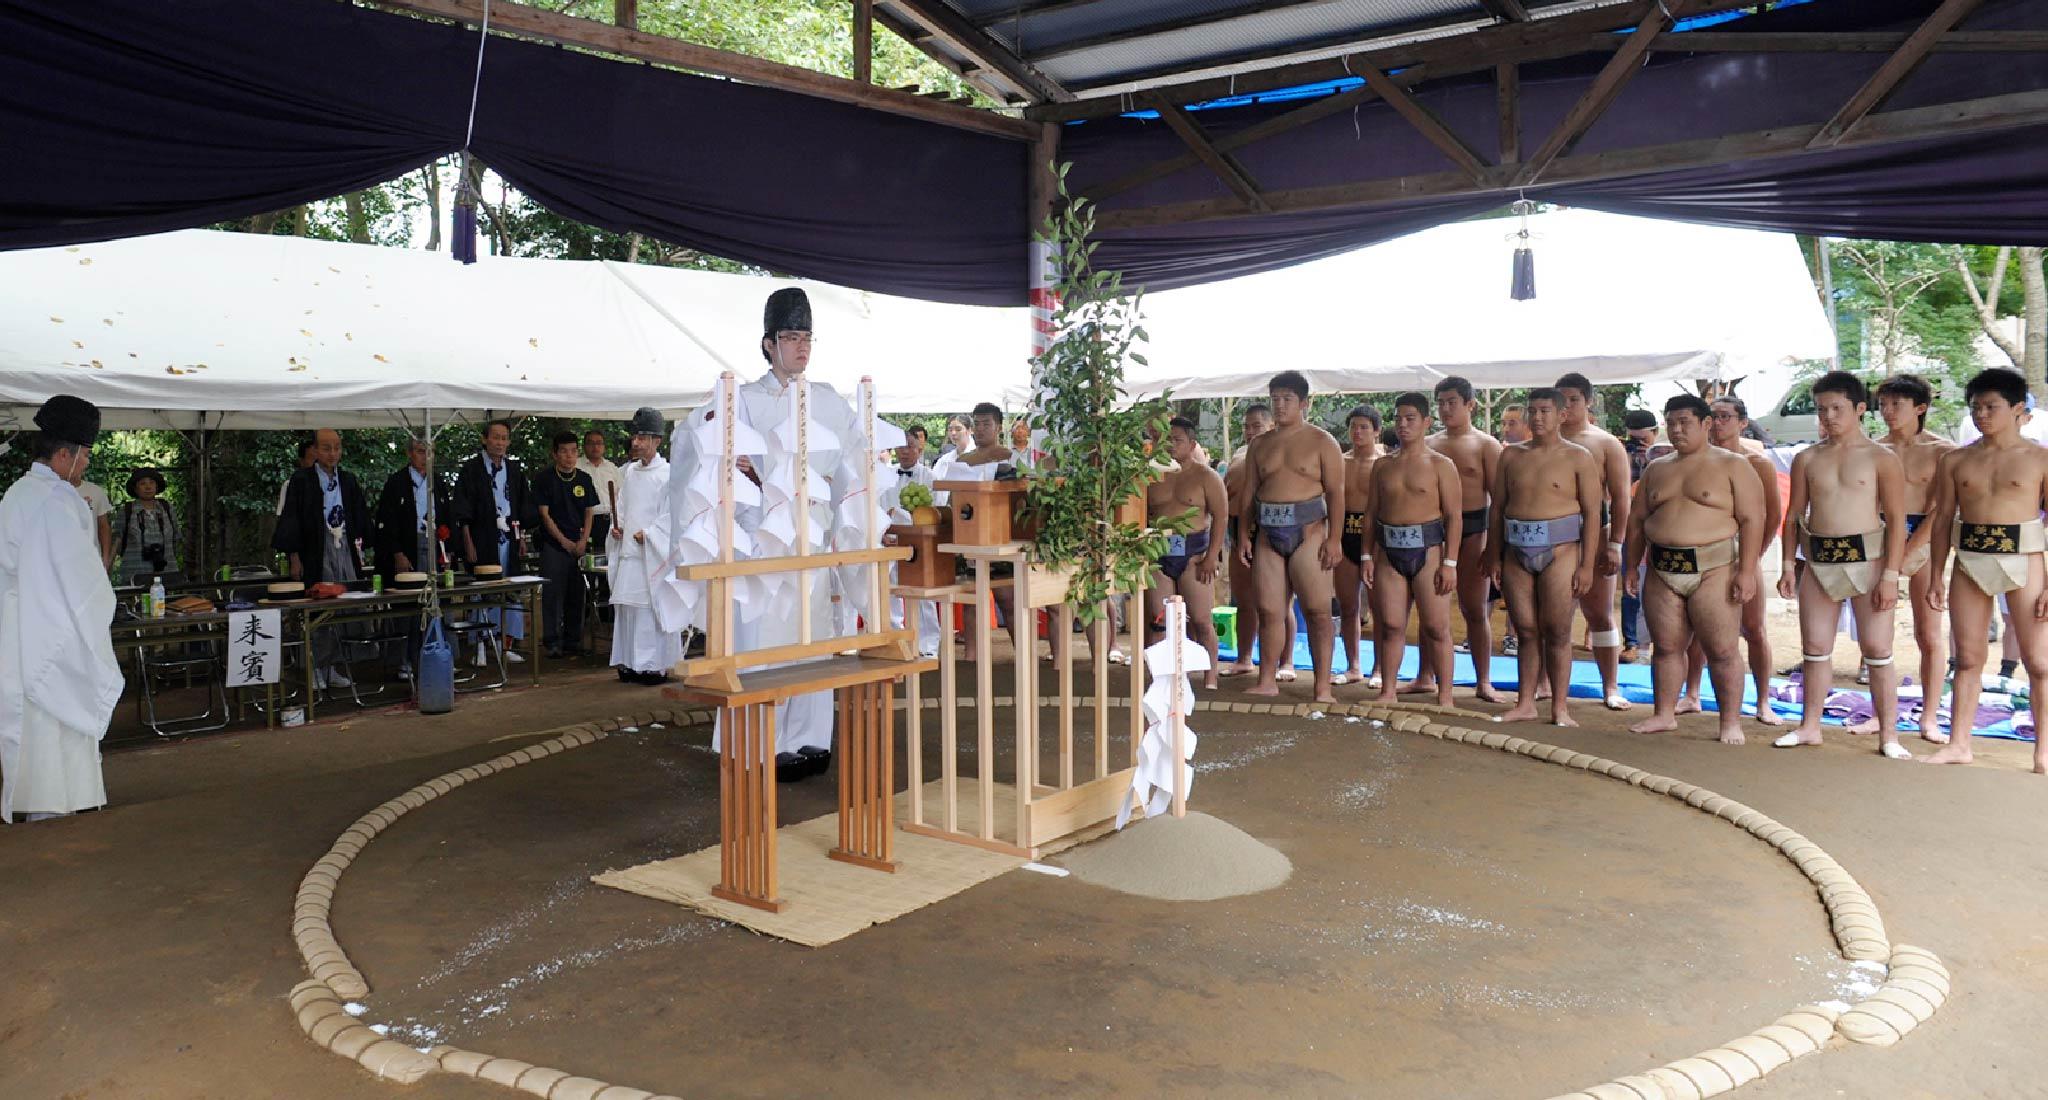 日曜日十時三十分 土俵祭奉納相撲